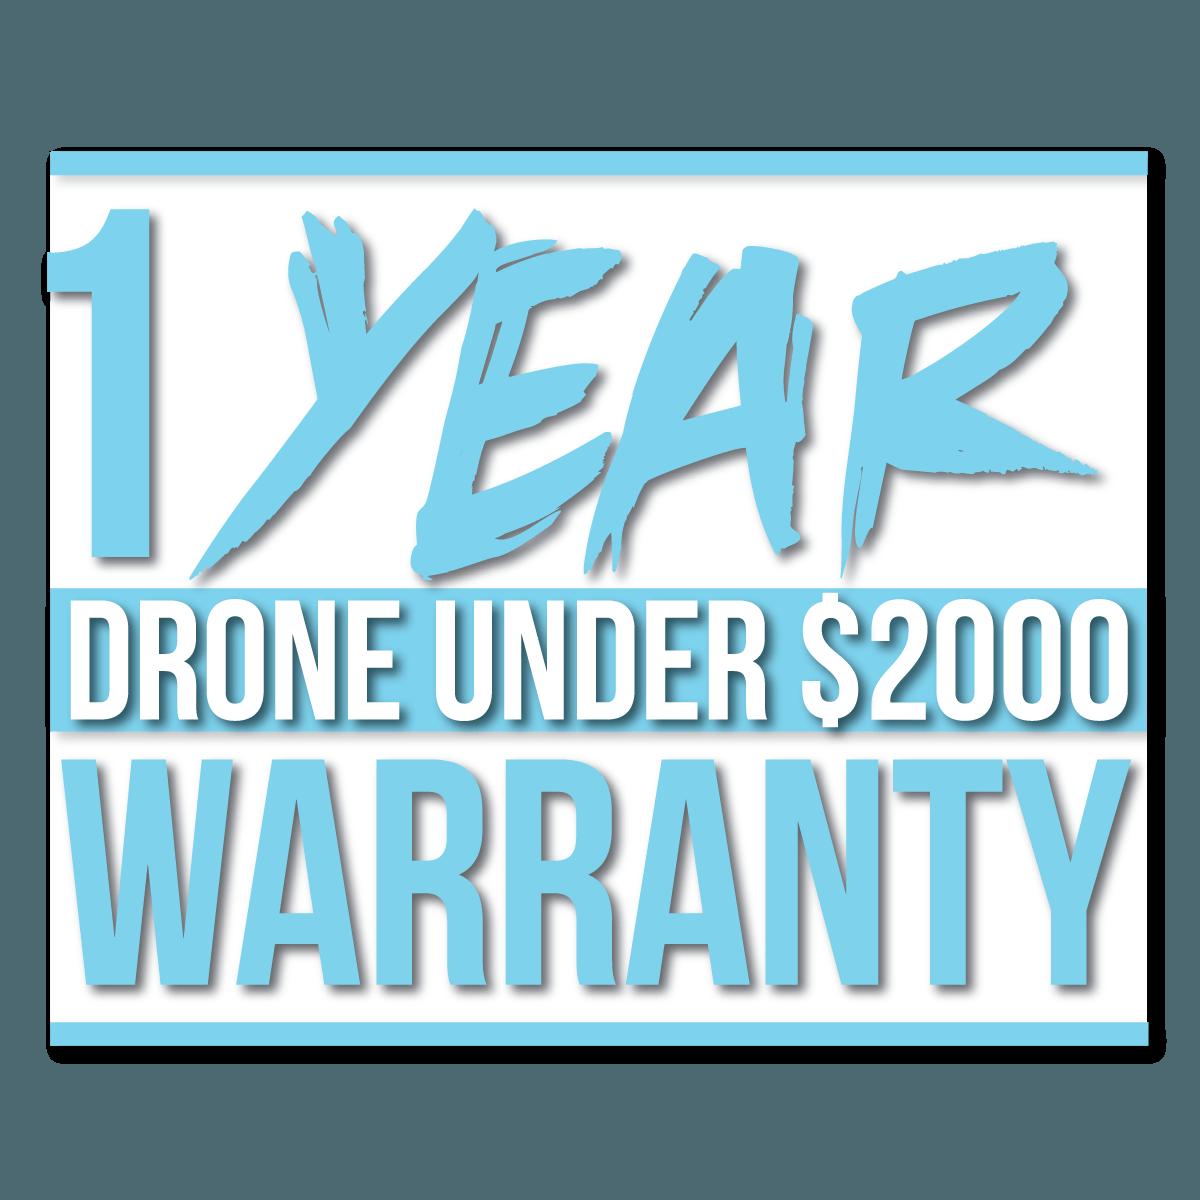 cps-warranty-verydrone-2000-drone-racing